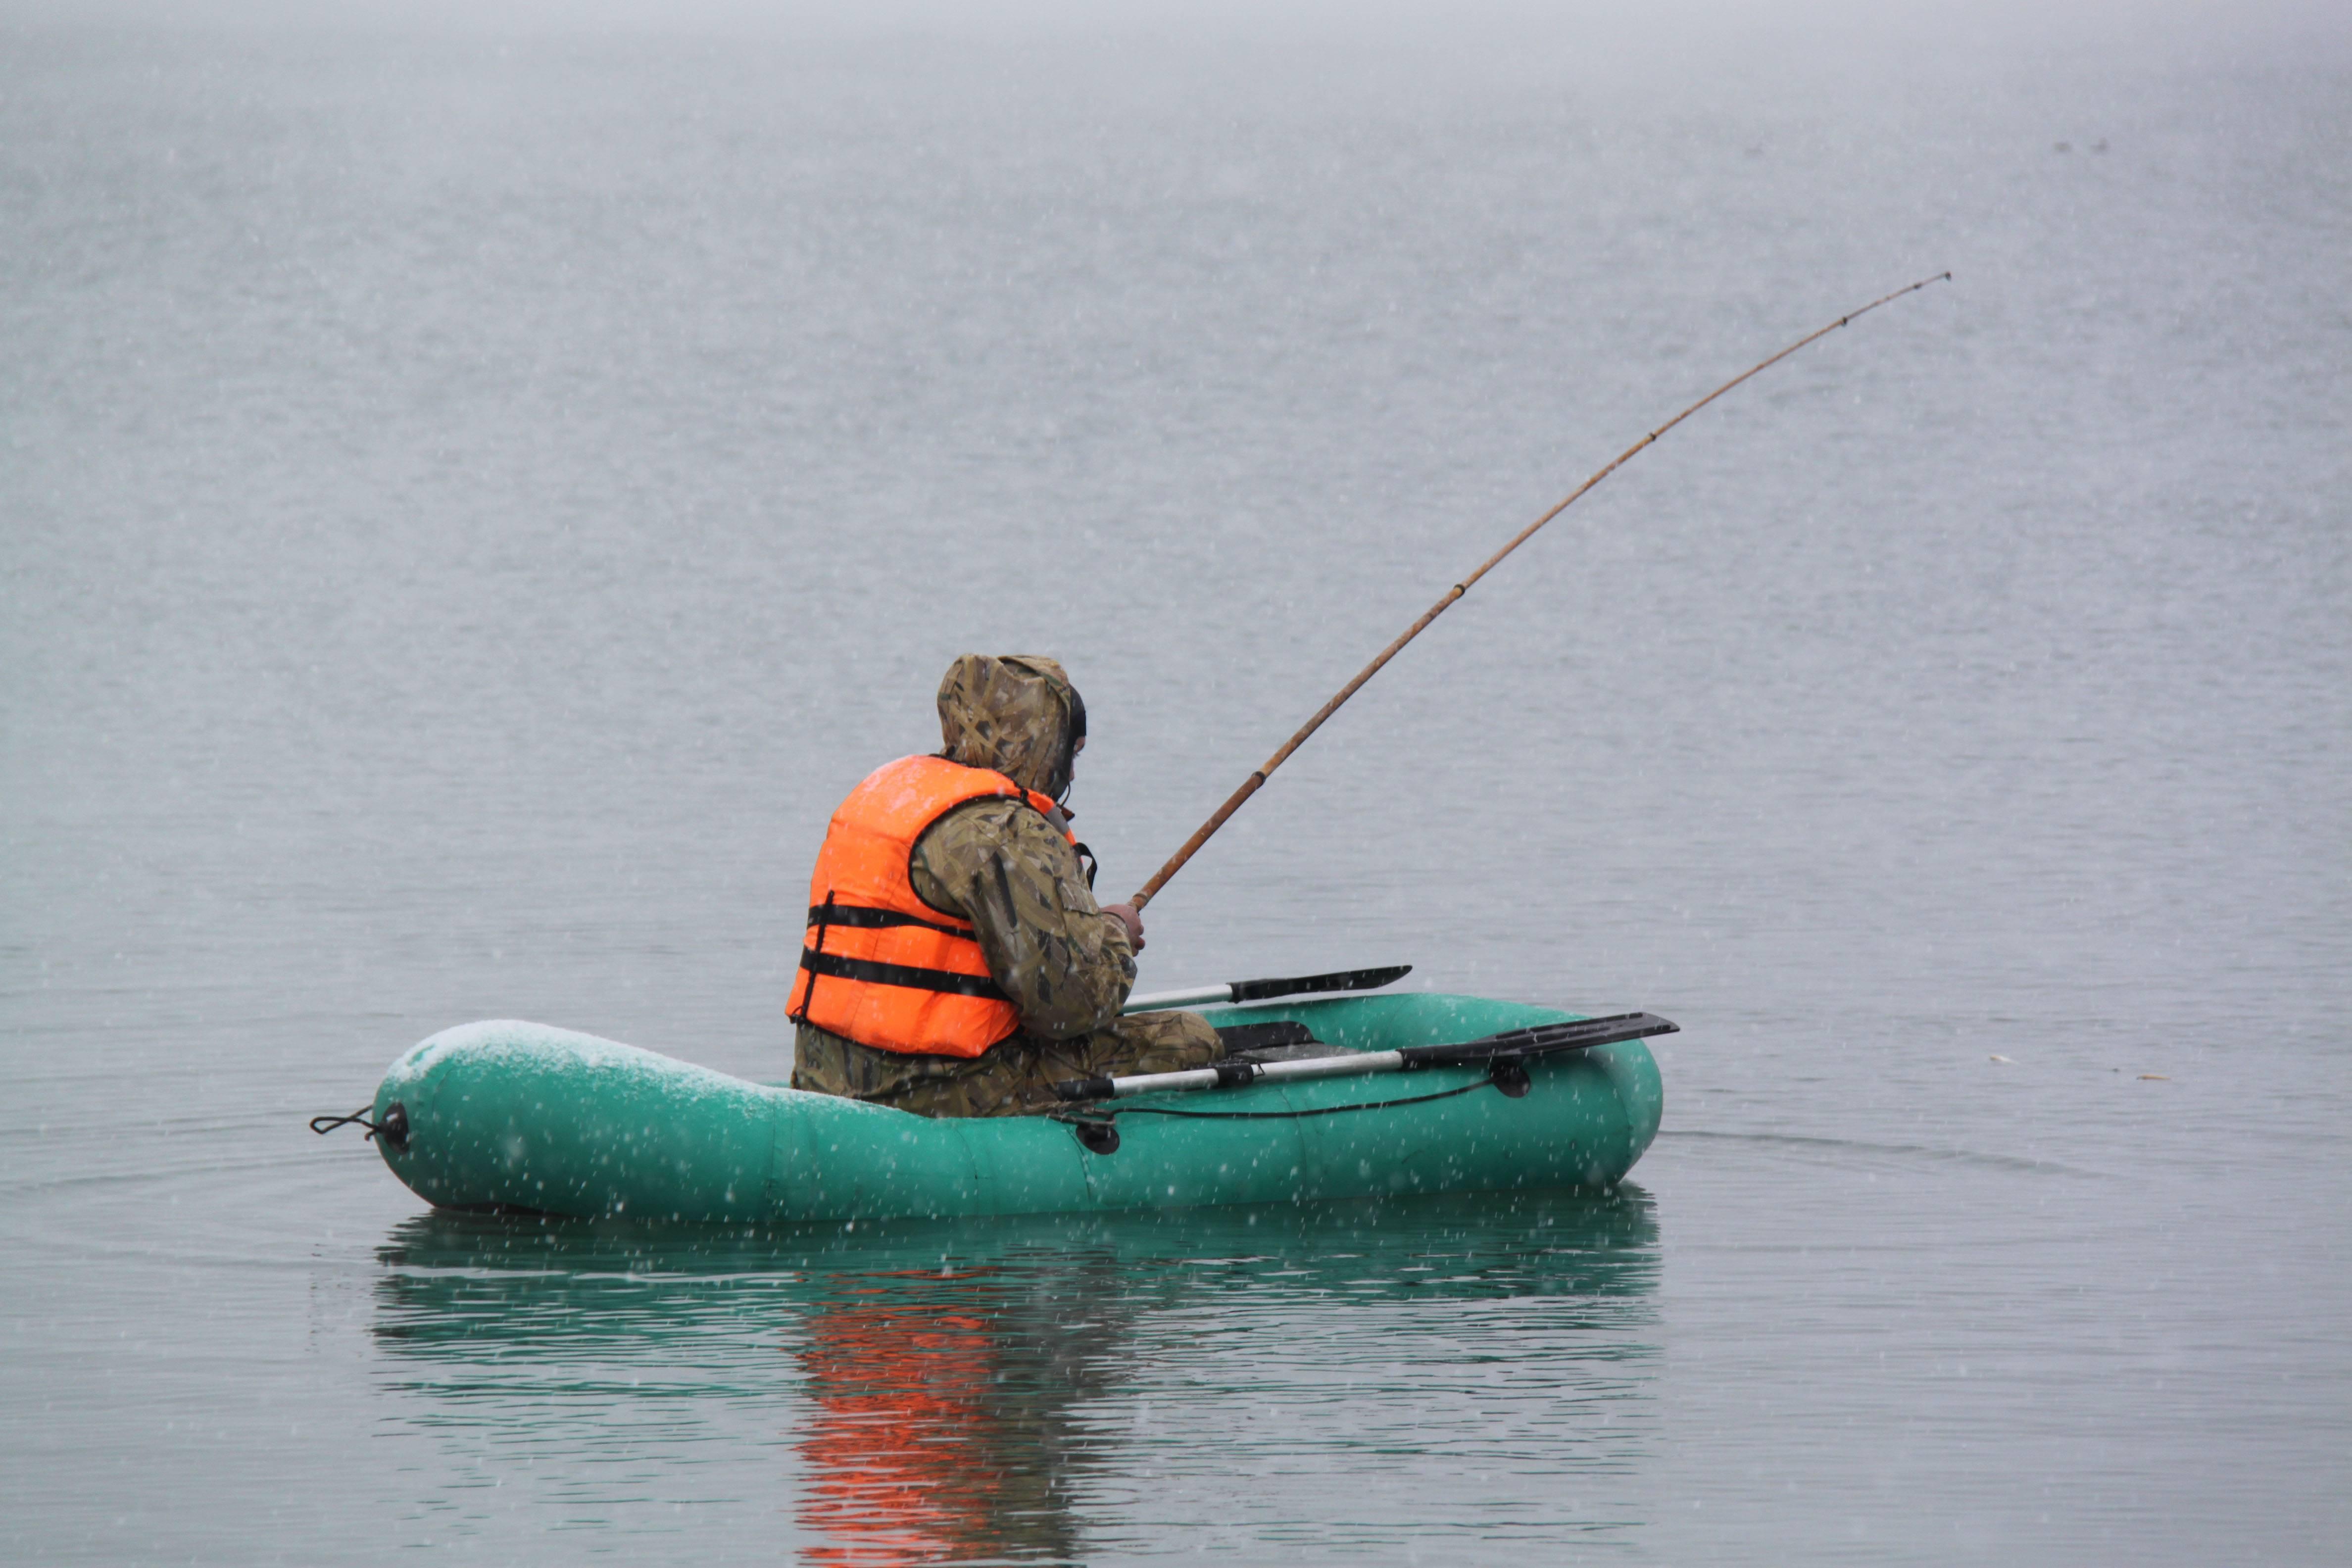 Подробная инструкция о выходе в море на лодке, катере или гидроцикле?